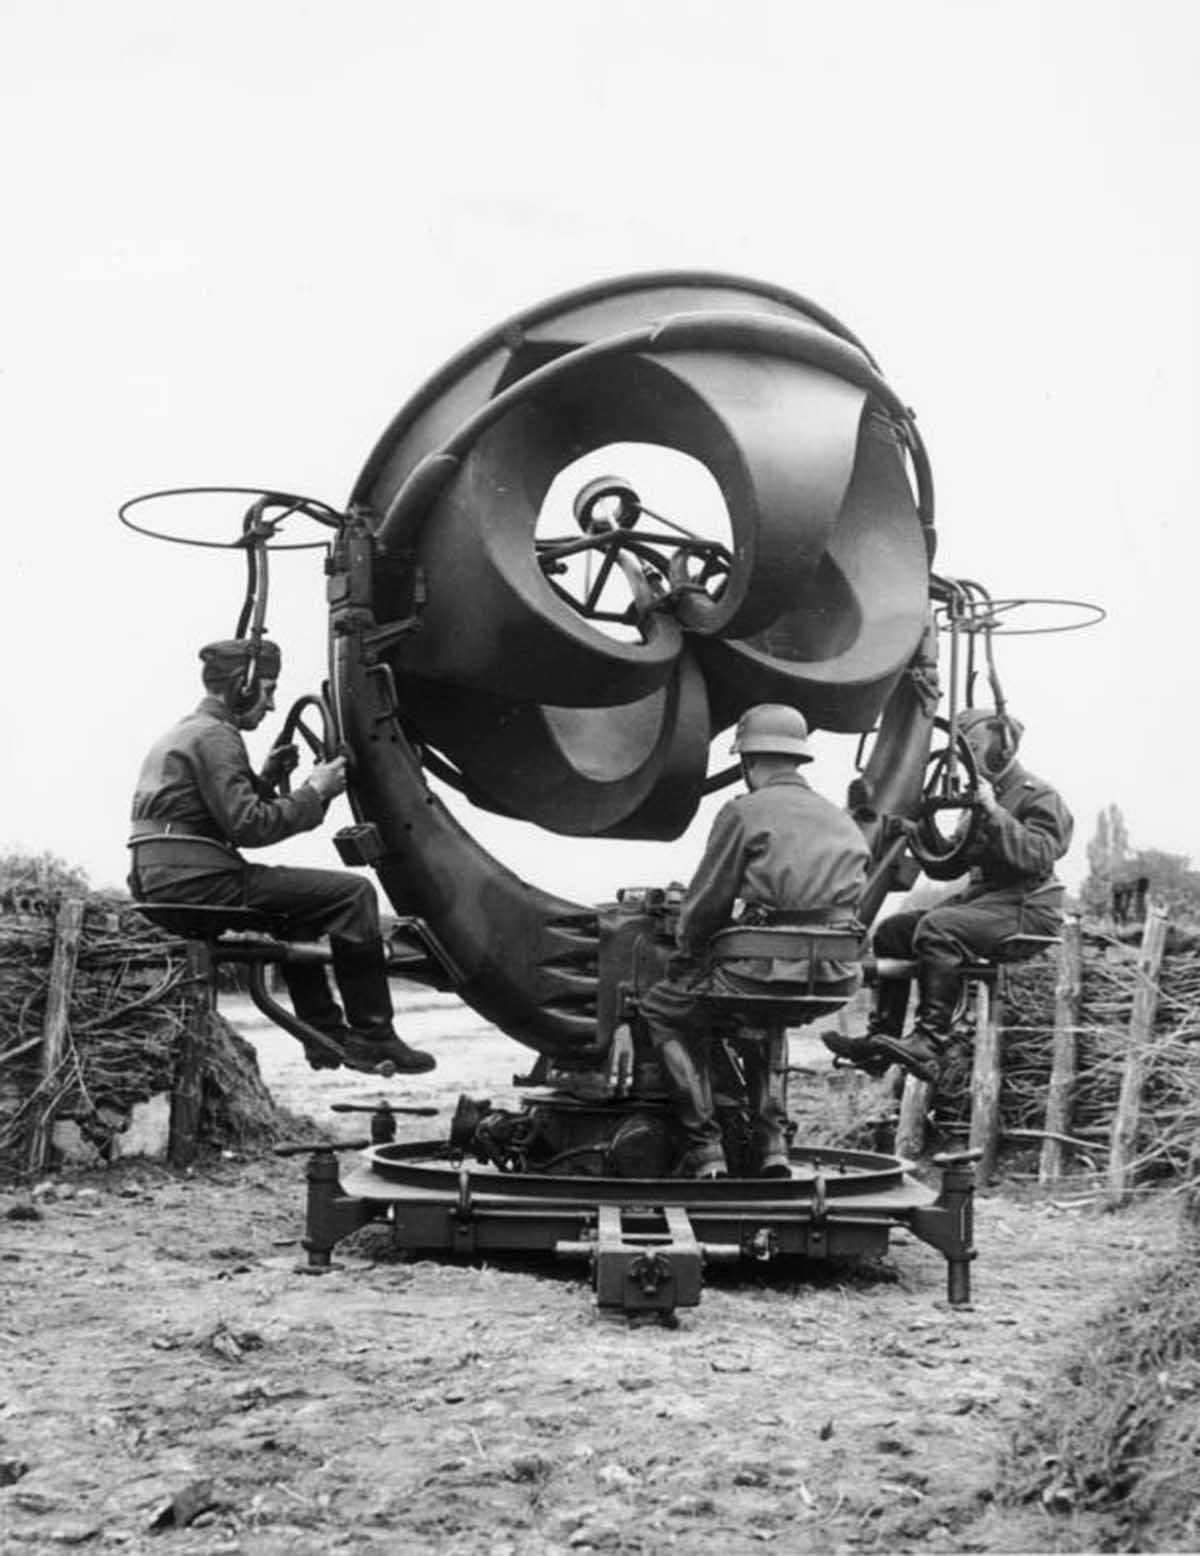 Equipo de localización de sonido en Alemania, 1939. Se compone de cuatro bocinas acústicas, un par horizontal y un par vertical, conectados por tubos de goma a auriculares de tipo estetoscopio que usan los dos técnicos de izquierda y derecha. Los auriculares estéreo permitieron a un técnico determinar la dirección y al otro la elevación de la aeronave.